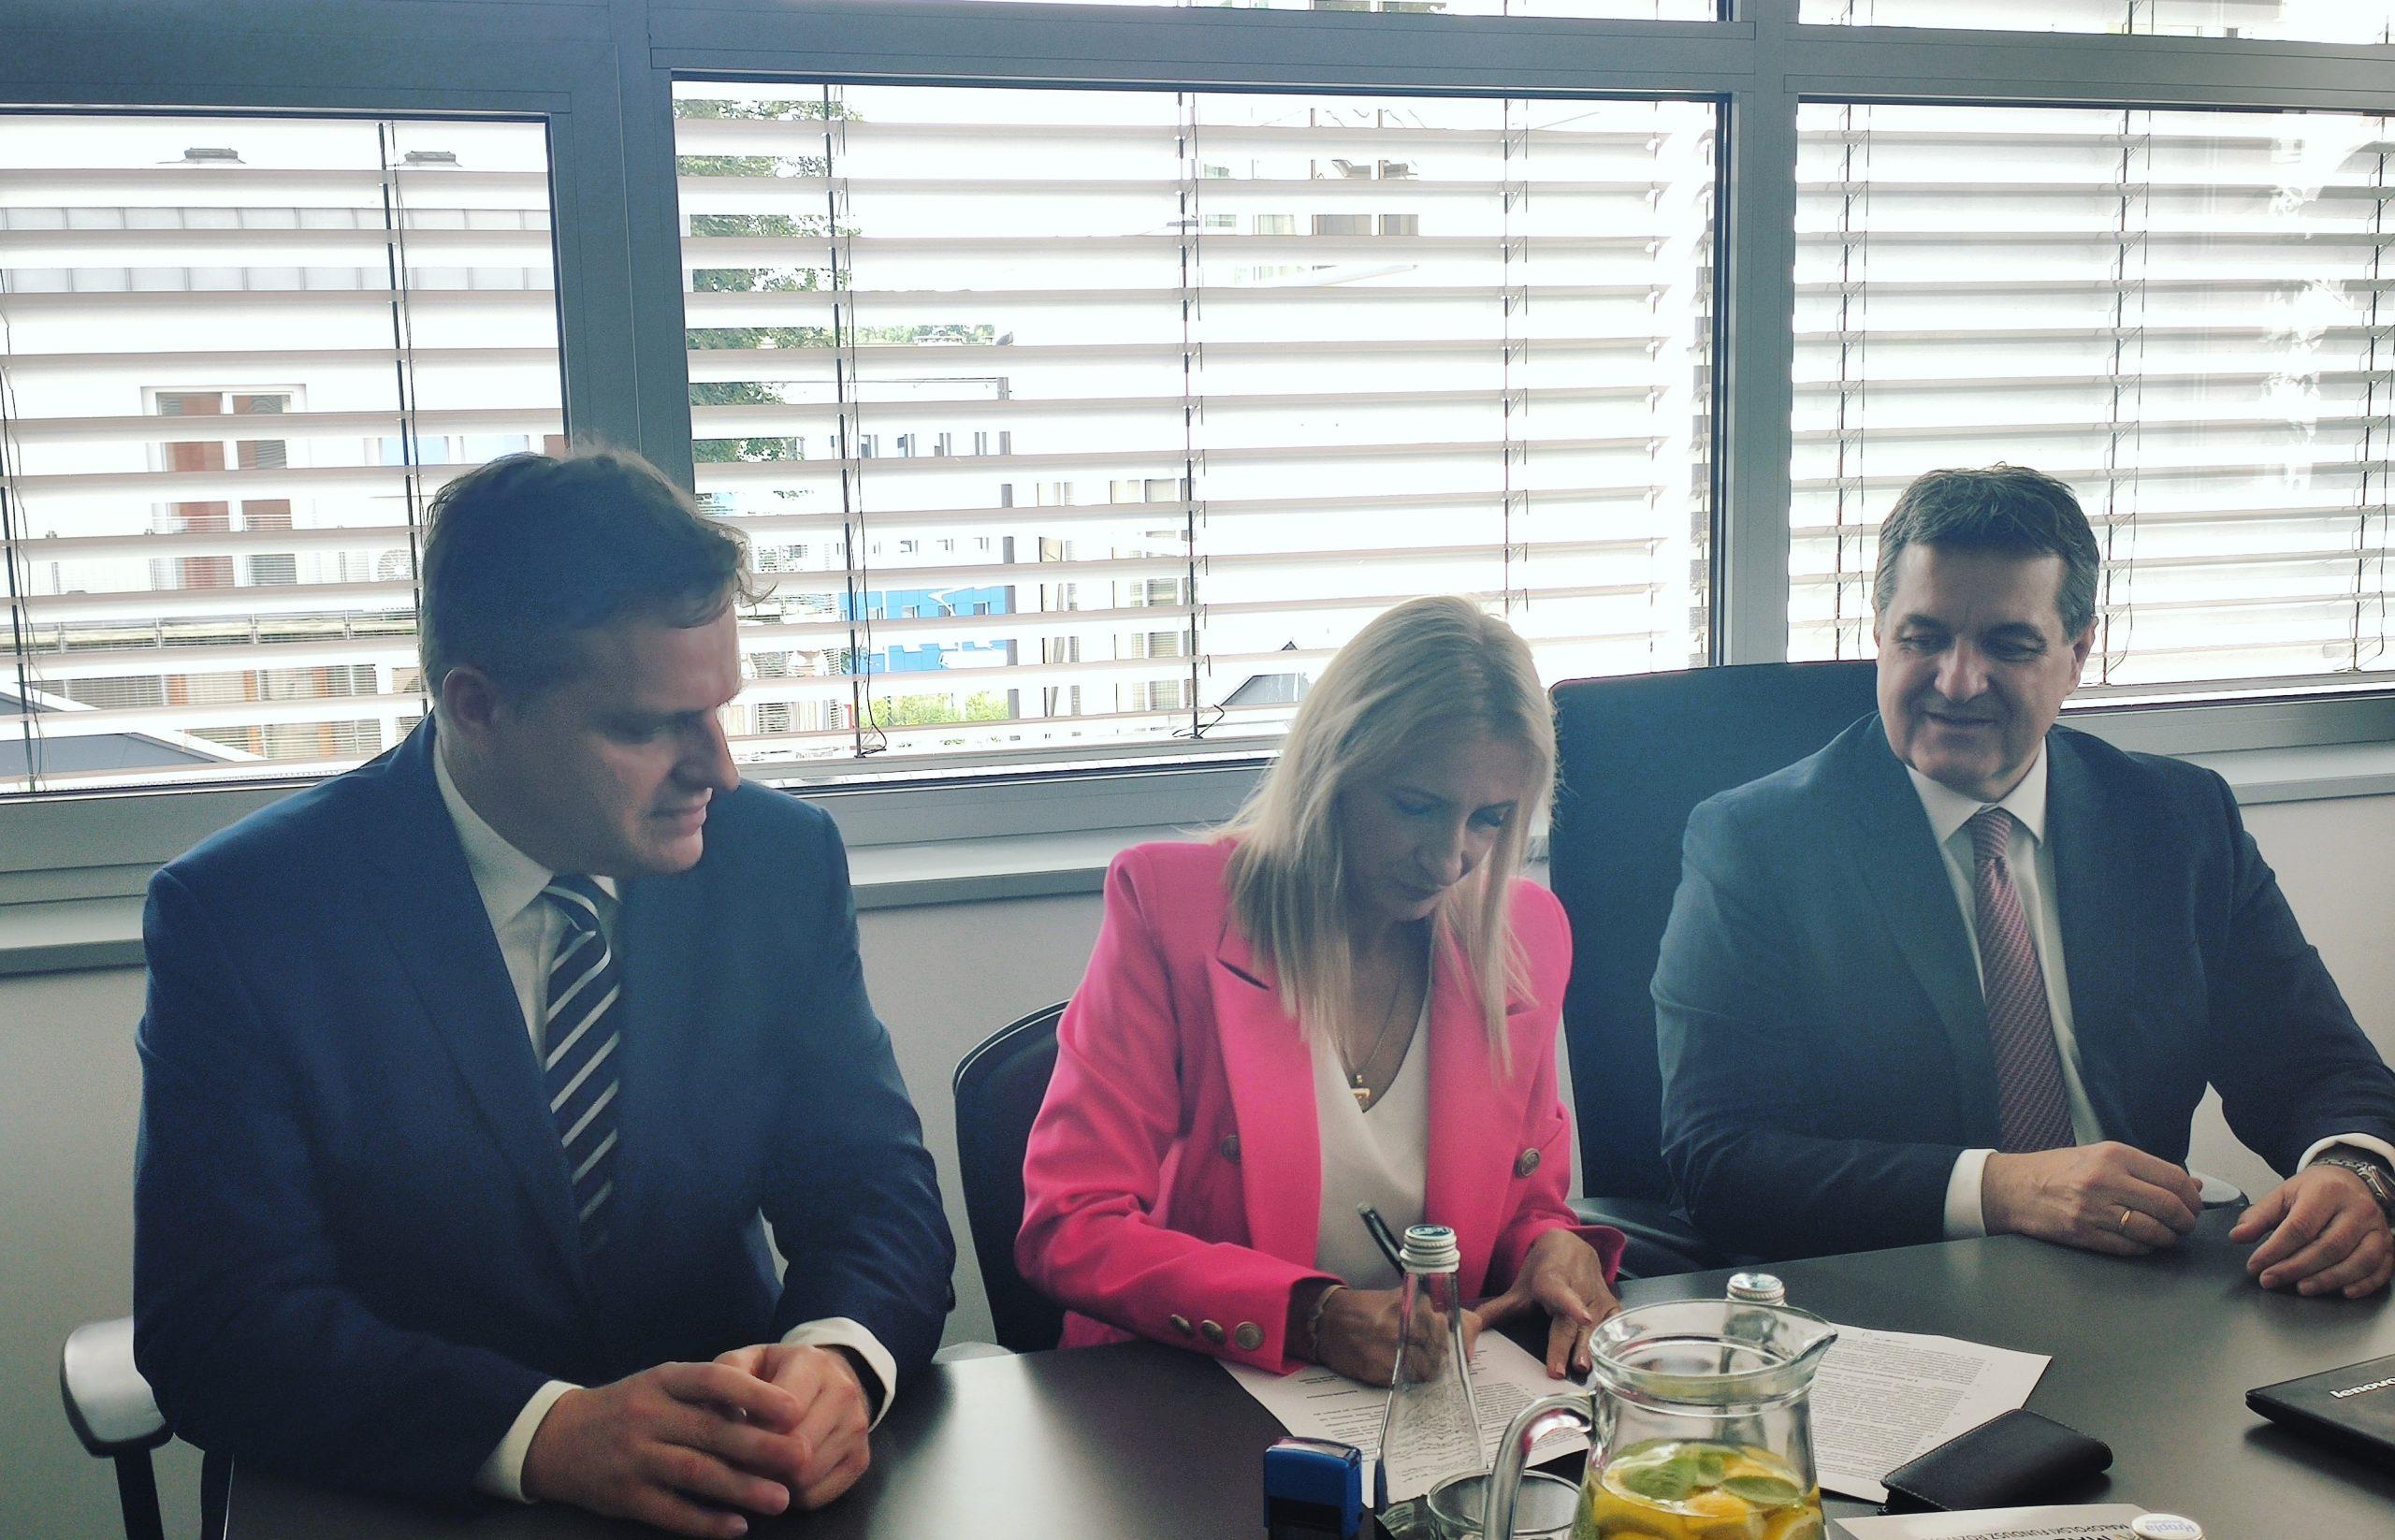 """Podpisanie umowy o pośrednictwo finansowe dotyczącej udzielania """"Pożyczki Turystycznej"""" dla MŚP – Małopolska Tarcza Antykryzysowa"""